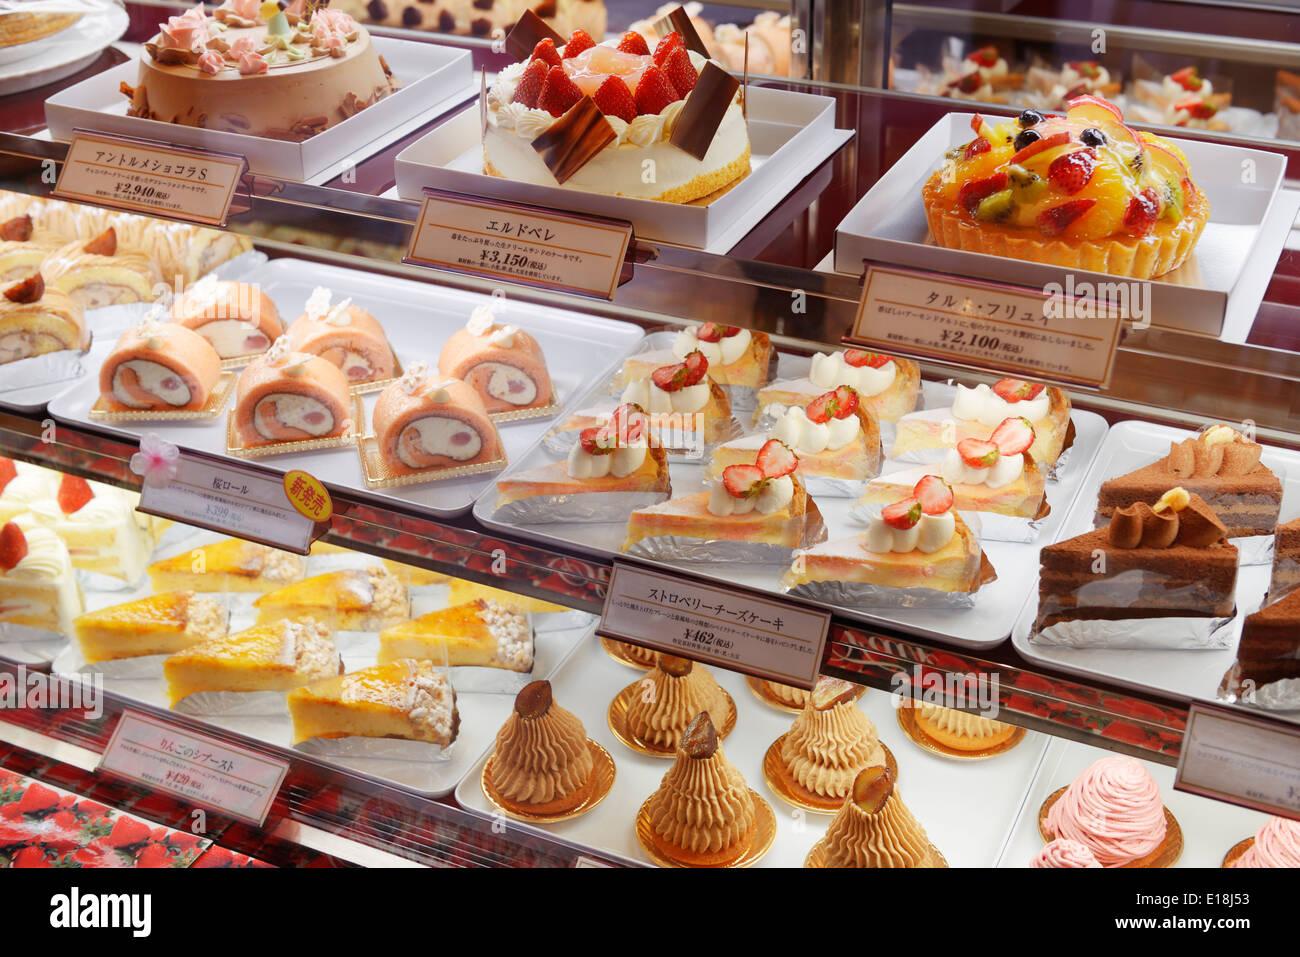 Japanese Sweet Display Cake